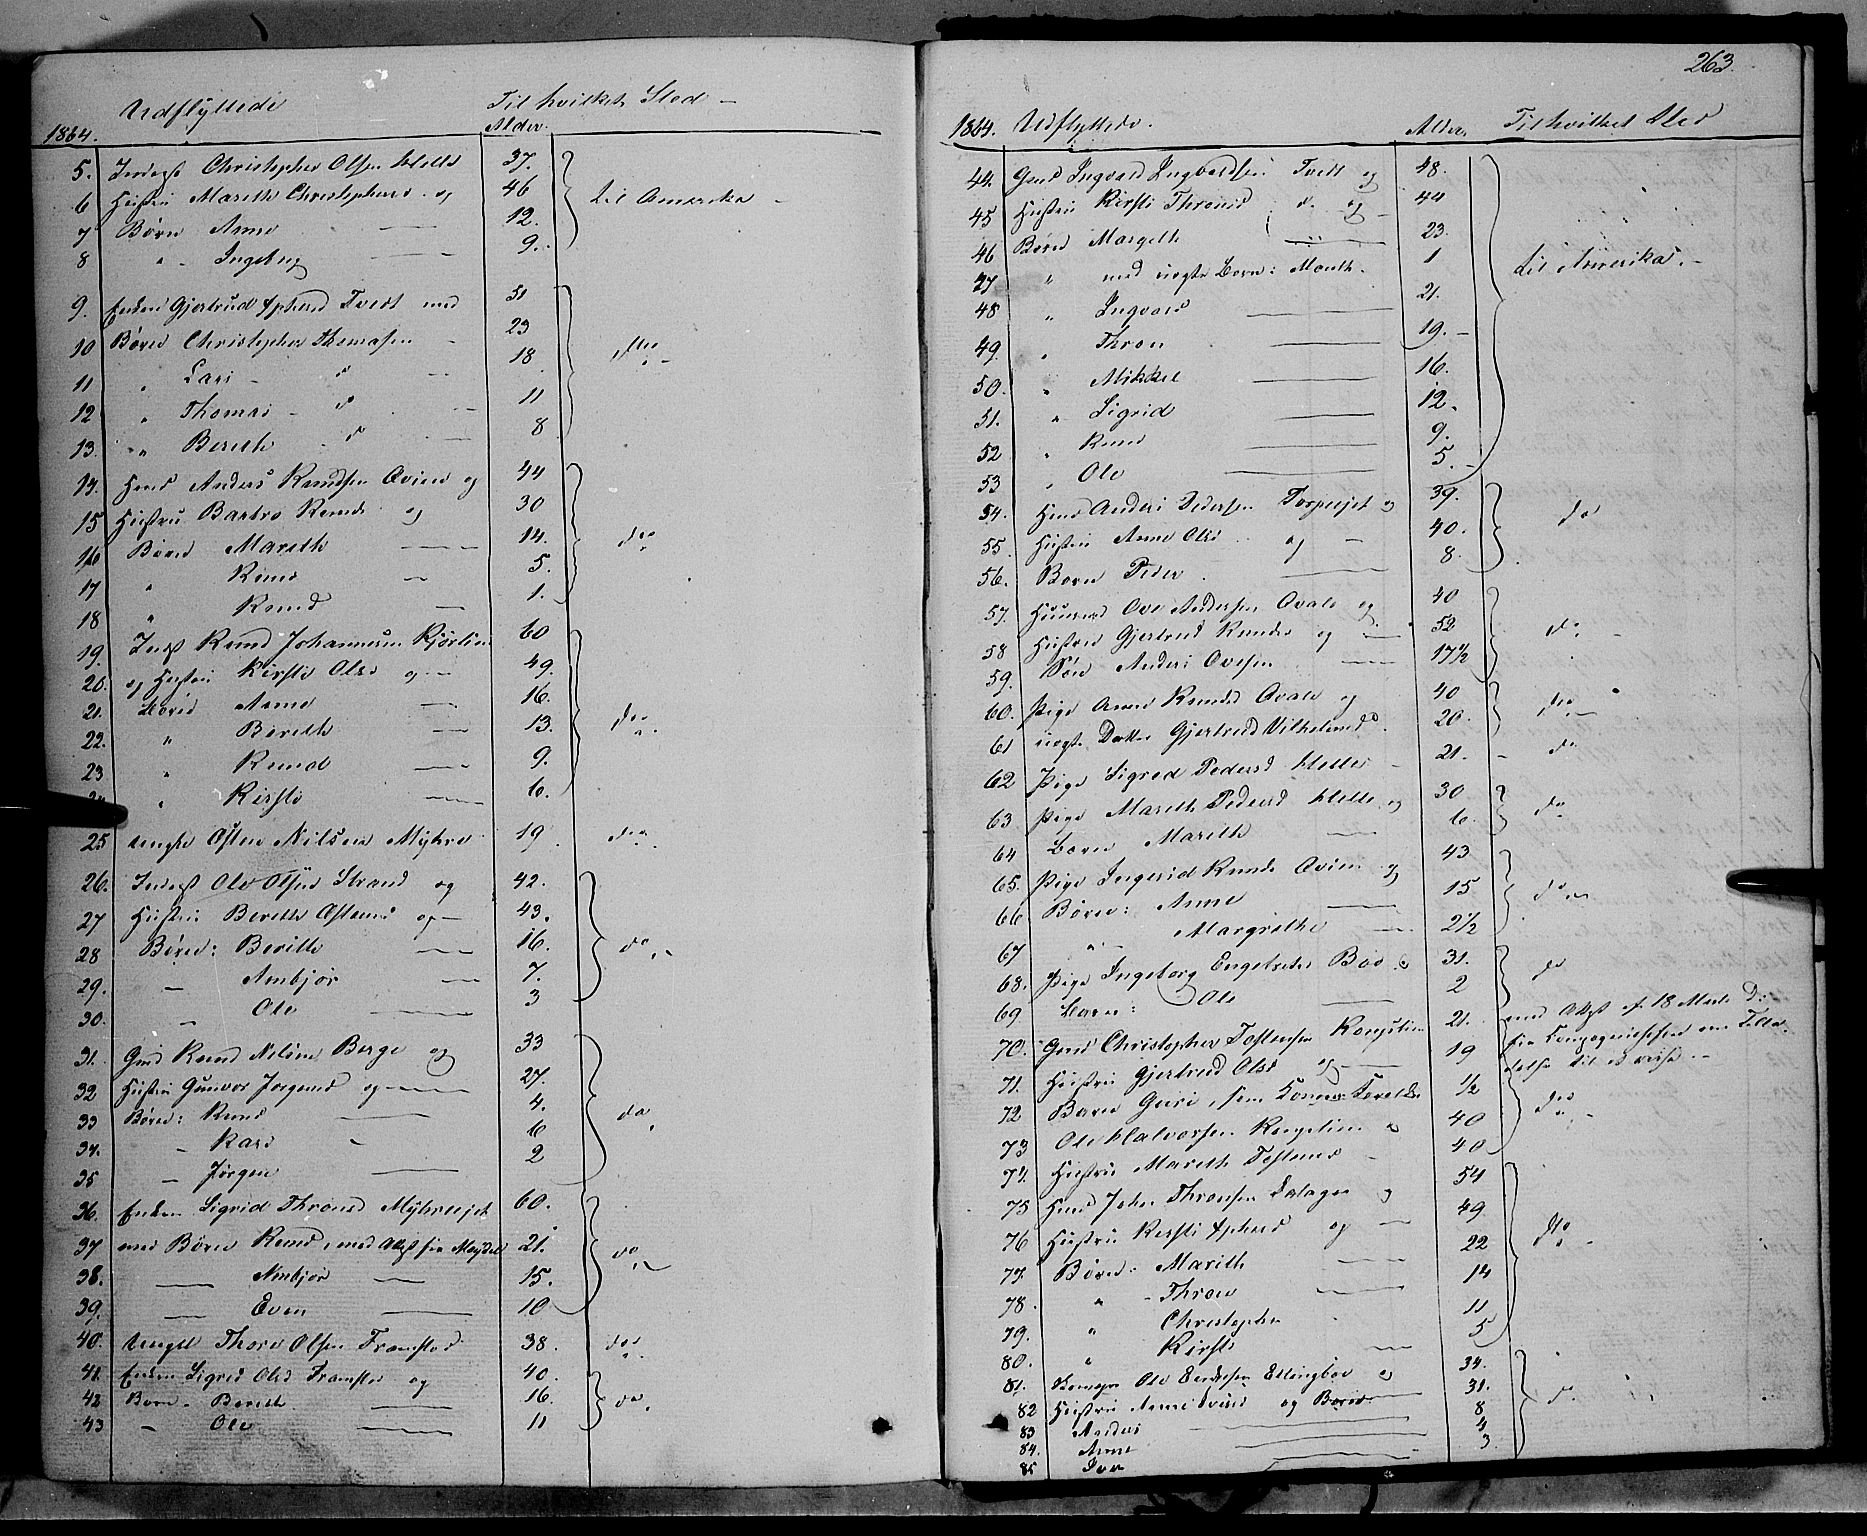 SAH, Vang prestekontor, Valdres, Ministerialbok nr. 6, 1846-1864, s. 263